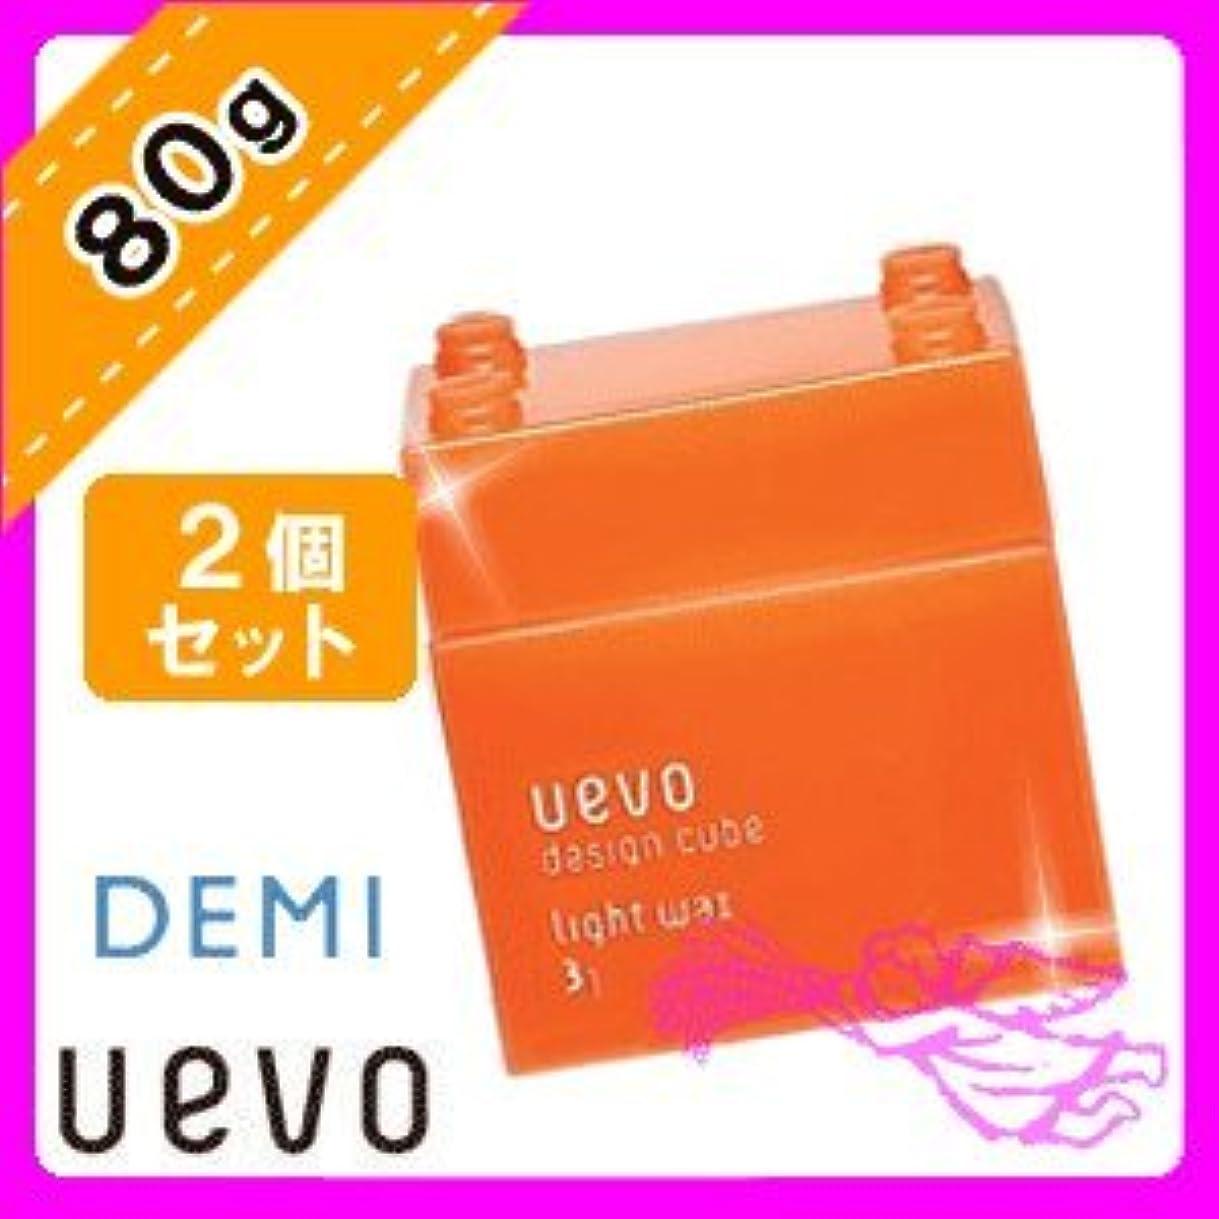 化学薬品一口混乱【X2個セット】 デミ ウェーボ デザインキューブ ライトワックス 80g